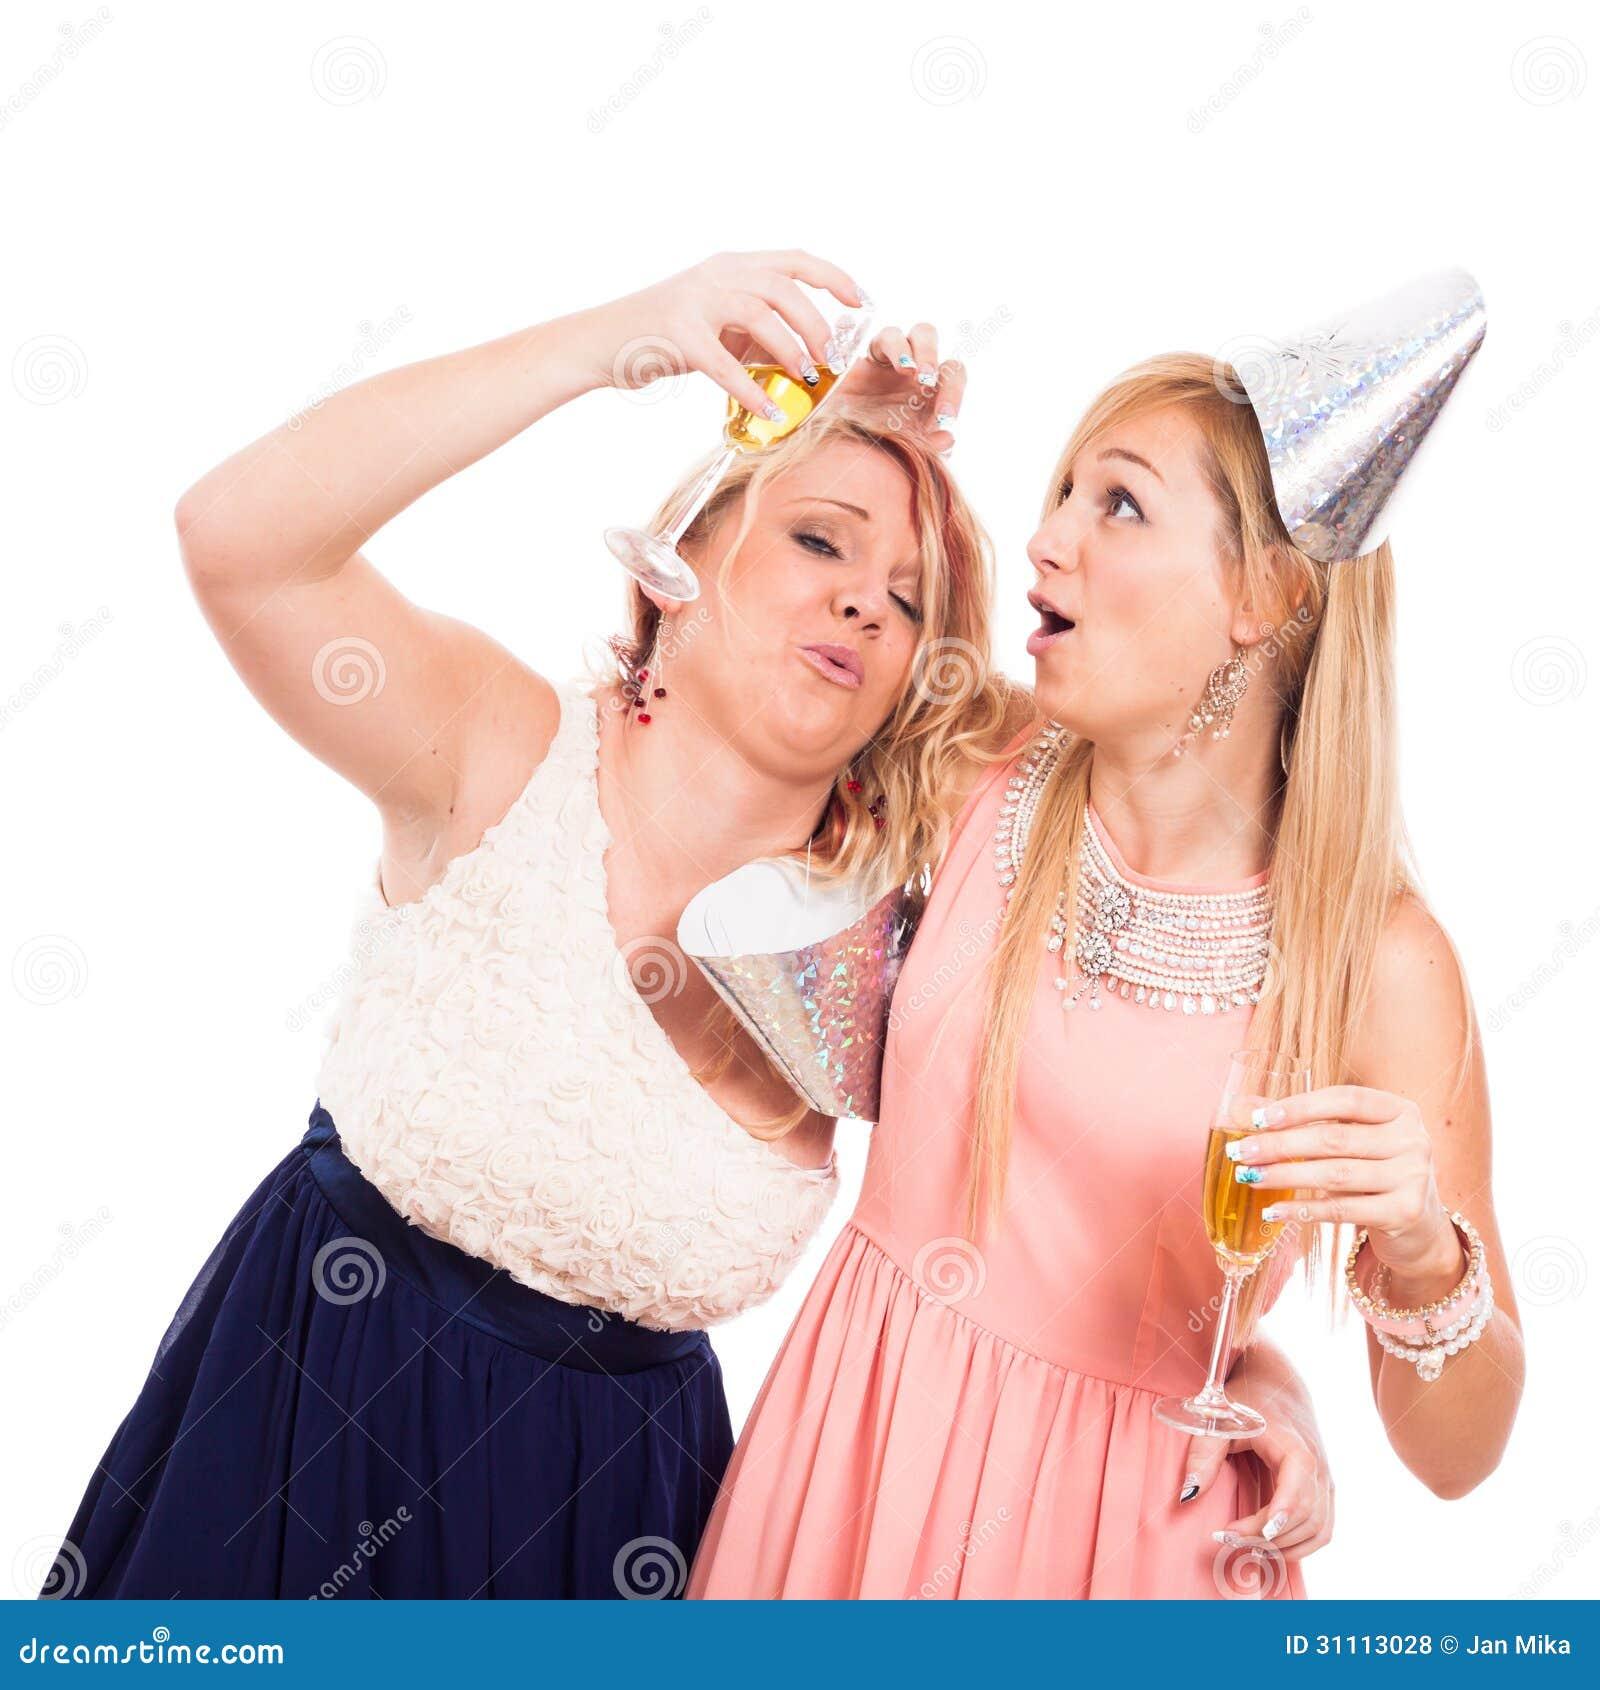 bf0fb6e5ee Dos muchachas borrachas divertidas celebran con el alcohol, aislado en el  fondo blanco